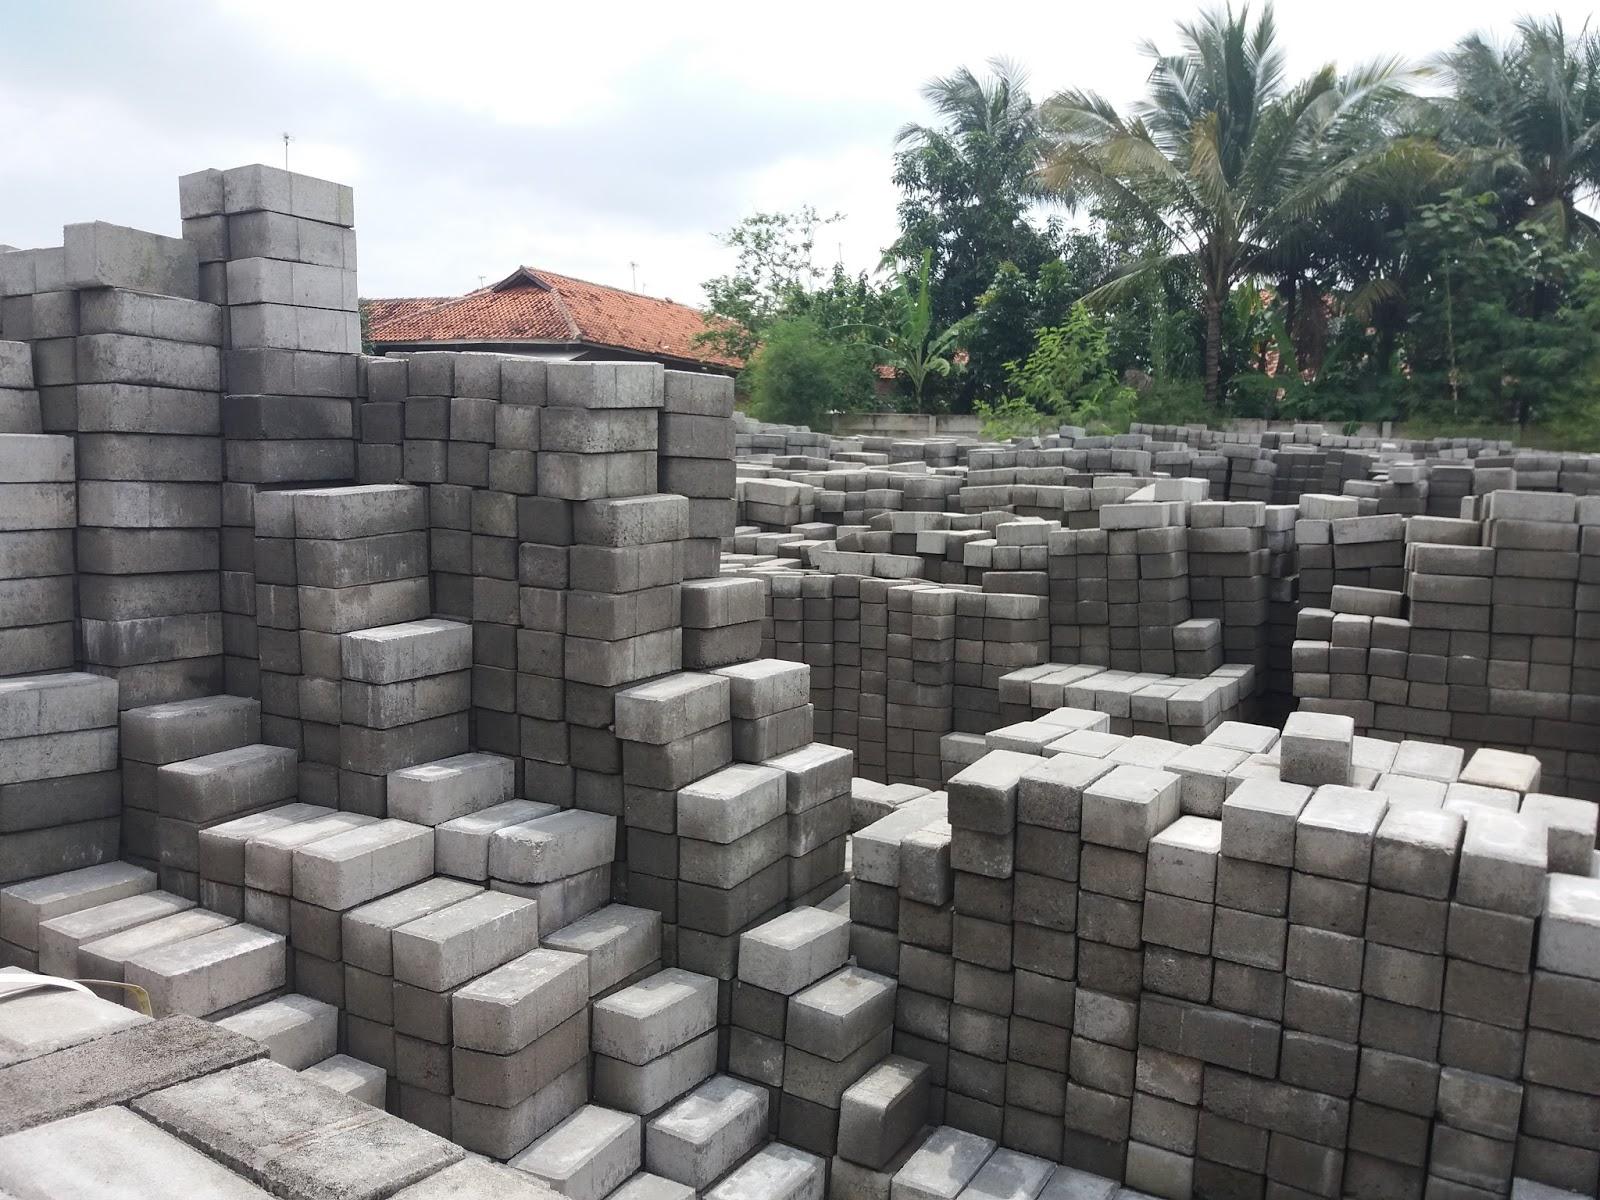 Jual Paving Block, Conblock Taman Termurah Sejabodetabek - JUAL PAVING BLOCK, CONBLOCK, GRASS